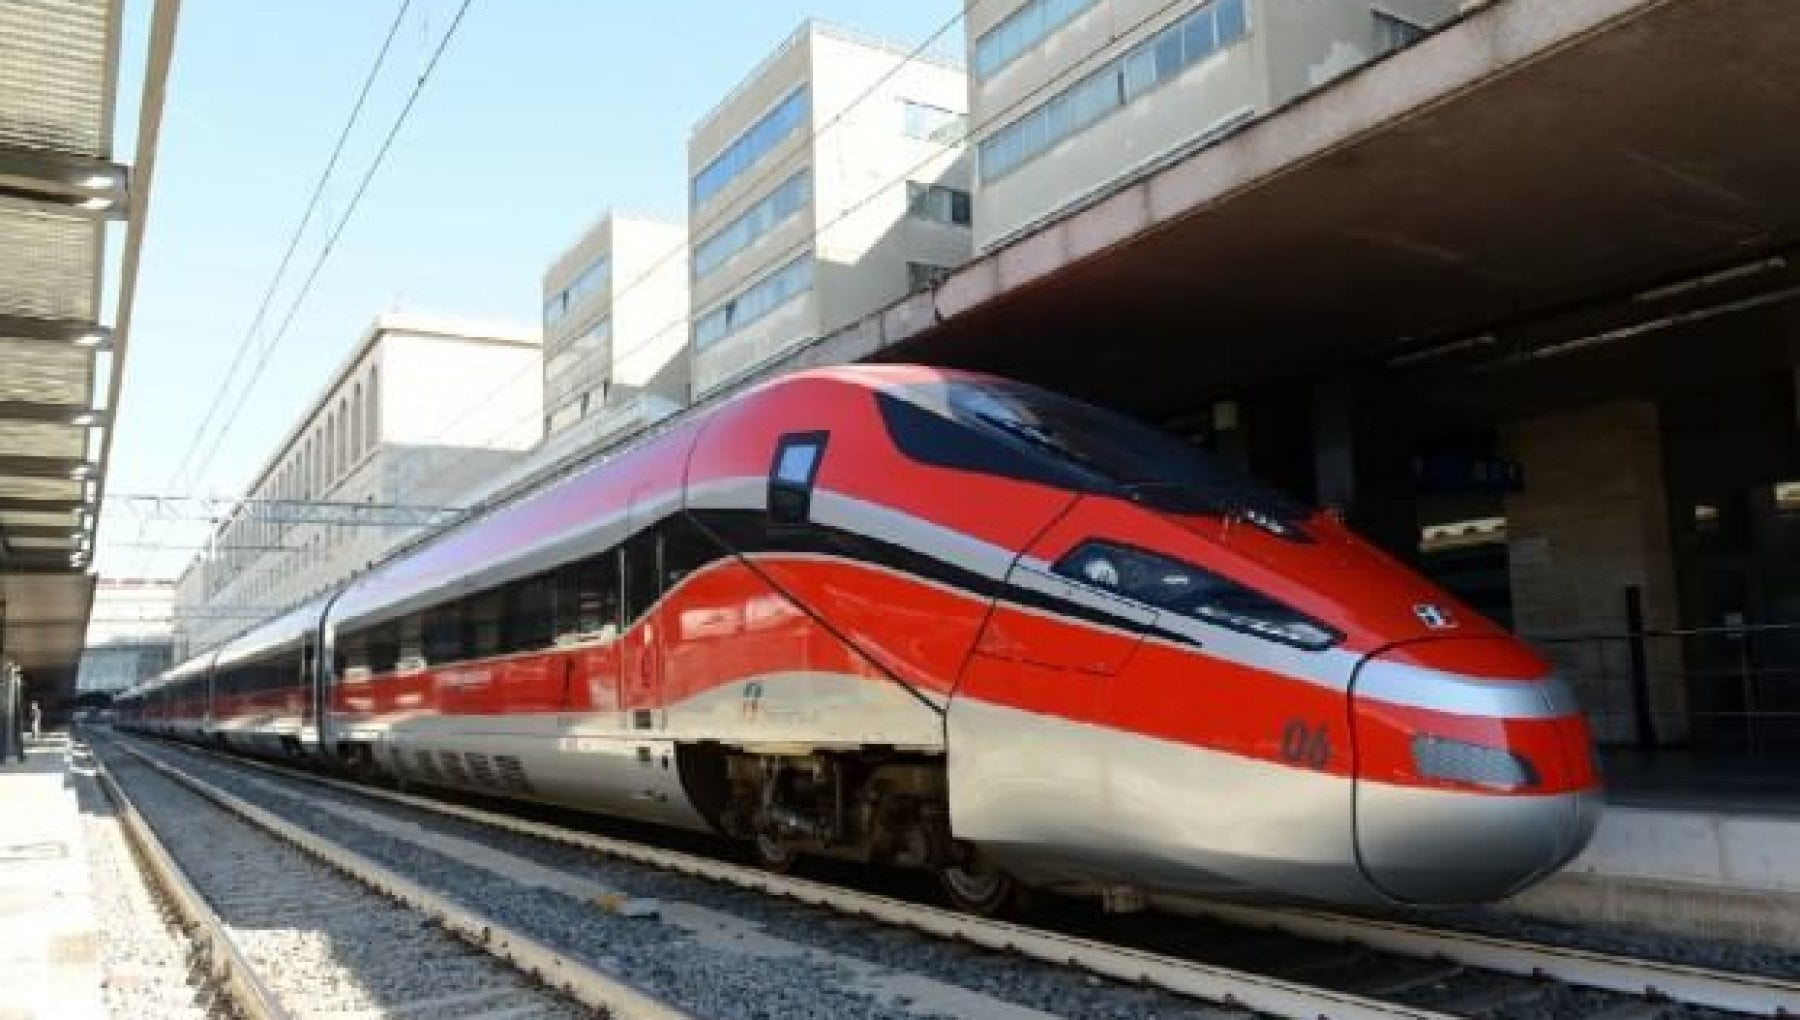 Ferrovie nomine sbloccate ecco i nuovi vertici di Rfi e Trenitalia